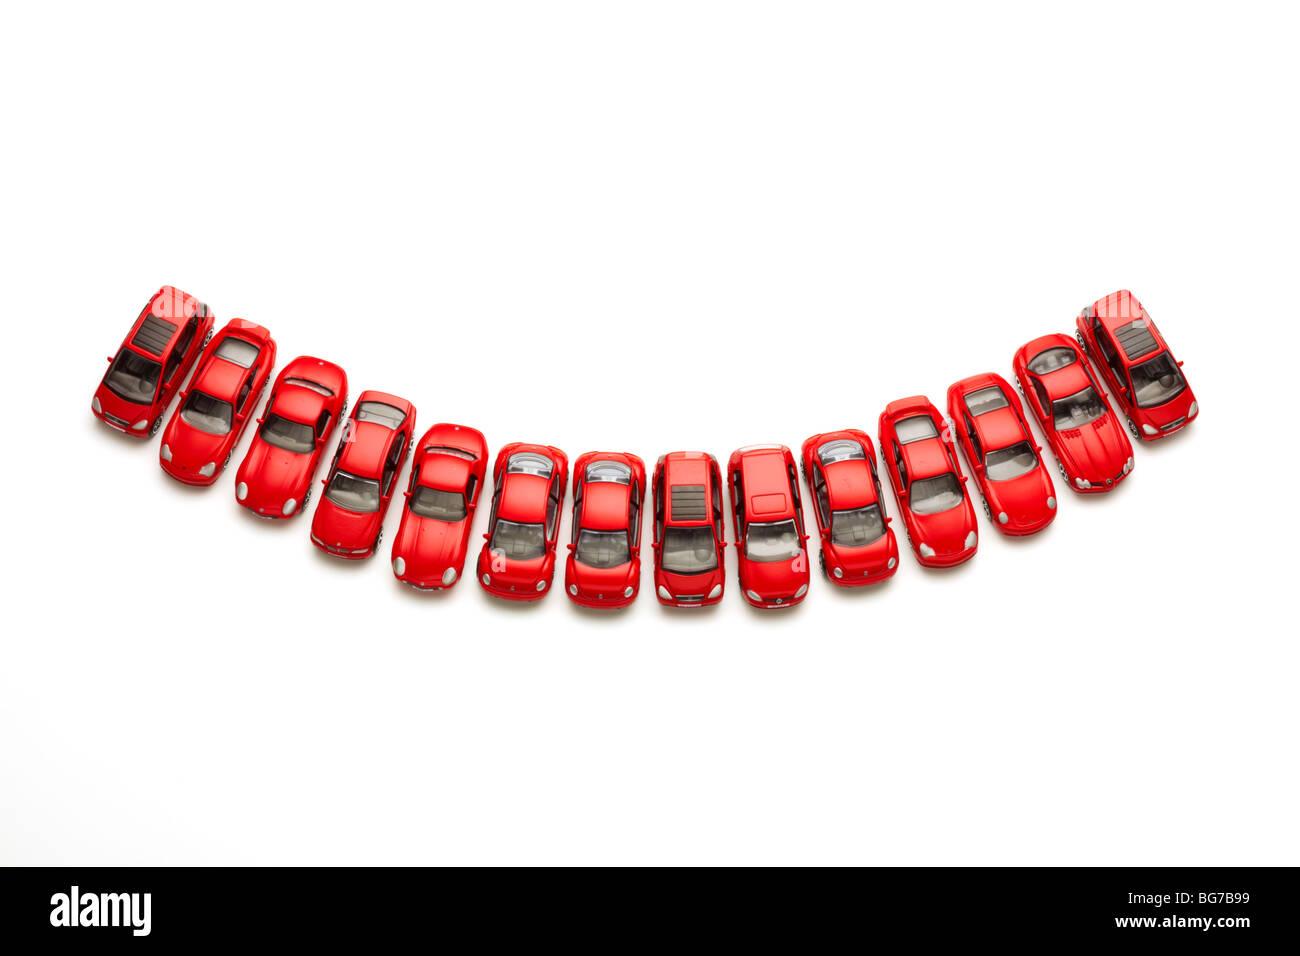 Modelos de automóviles en forma de sonrisas Imagen De Stock